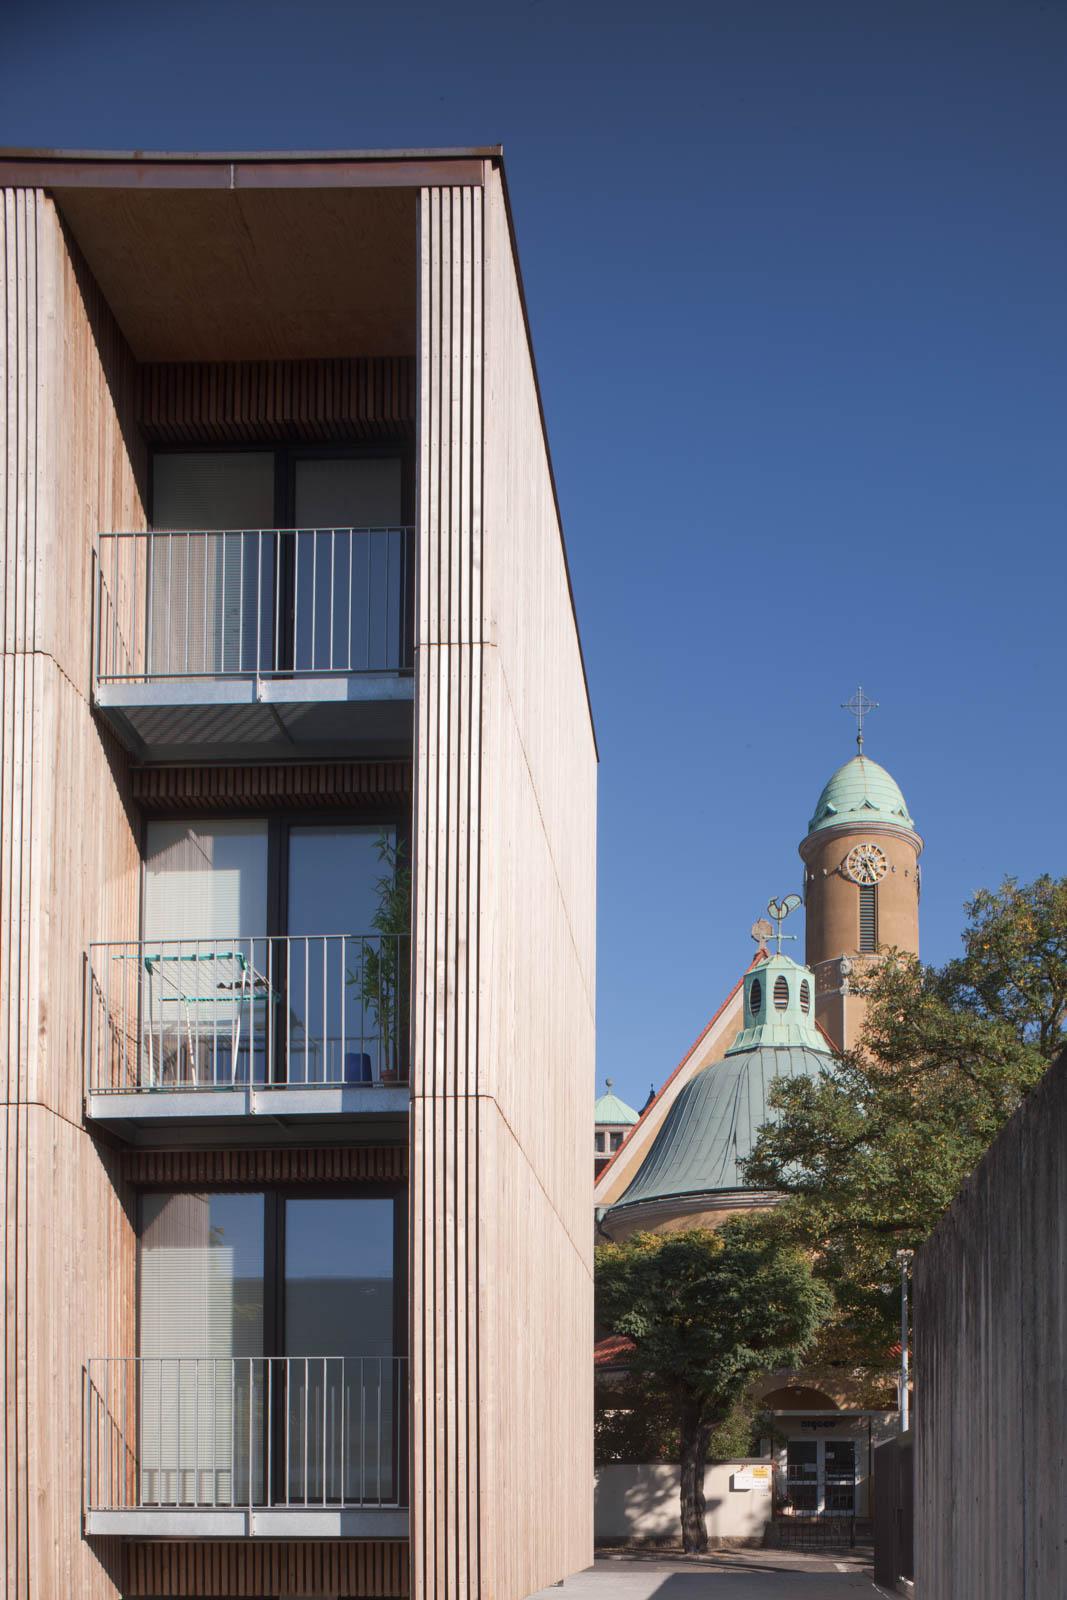 Nickel und Wachter Architekten - Wohnen Stadtwerke Bamberg